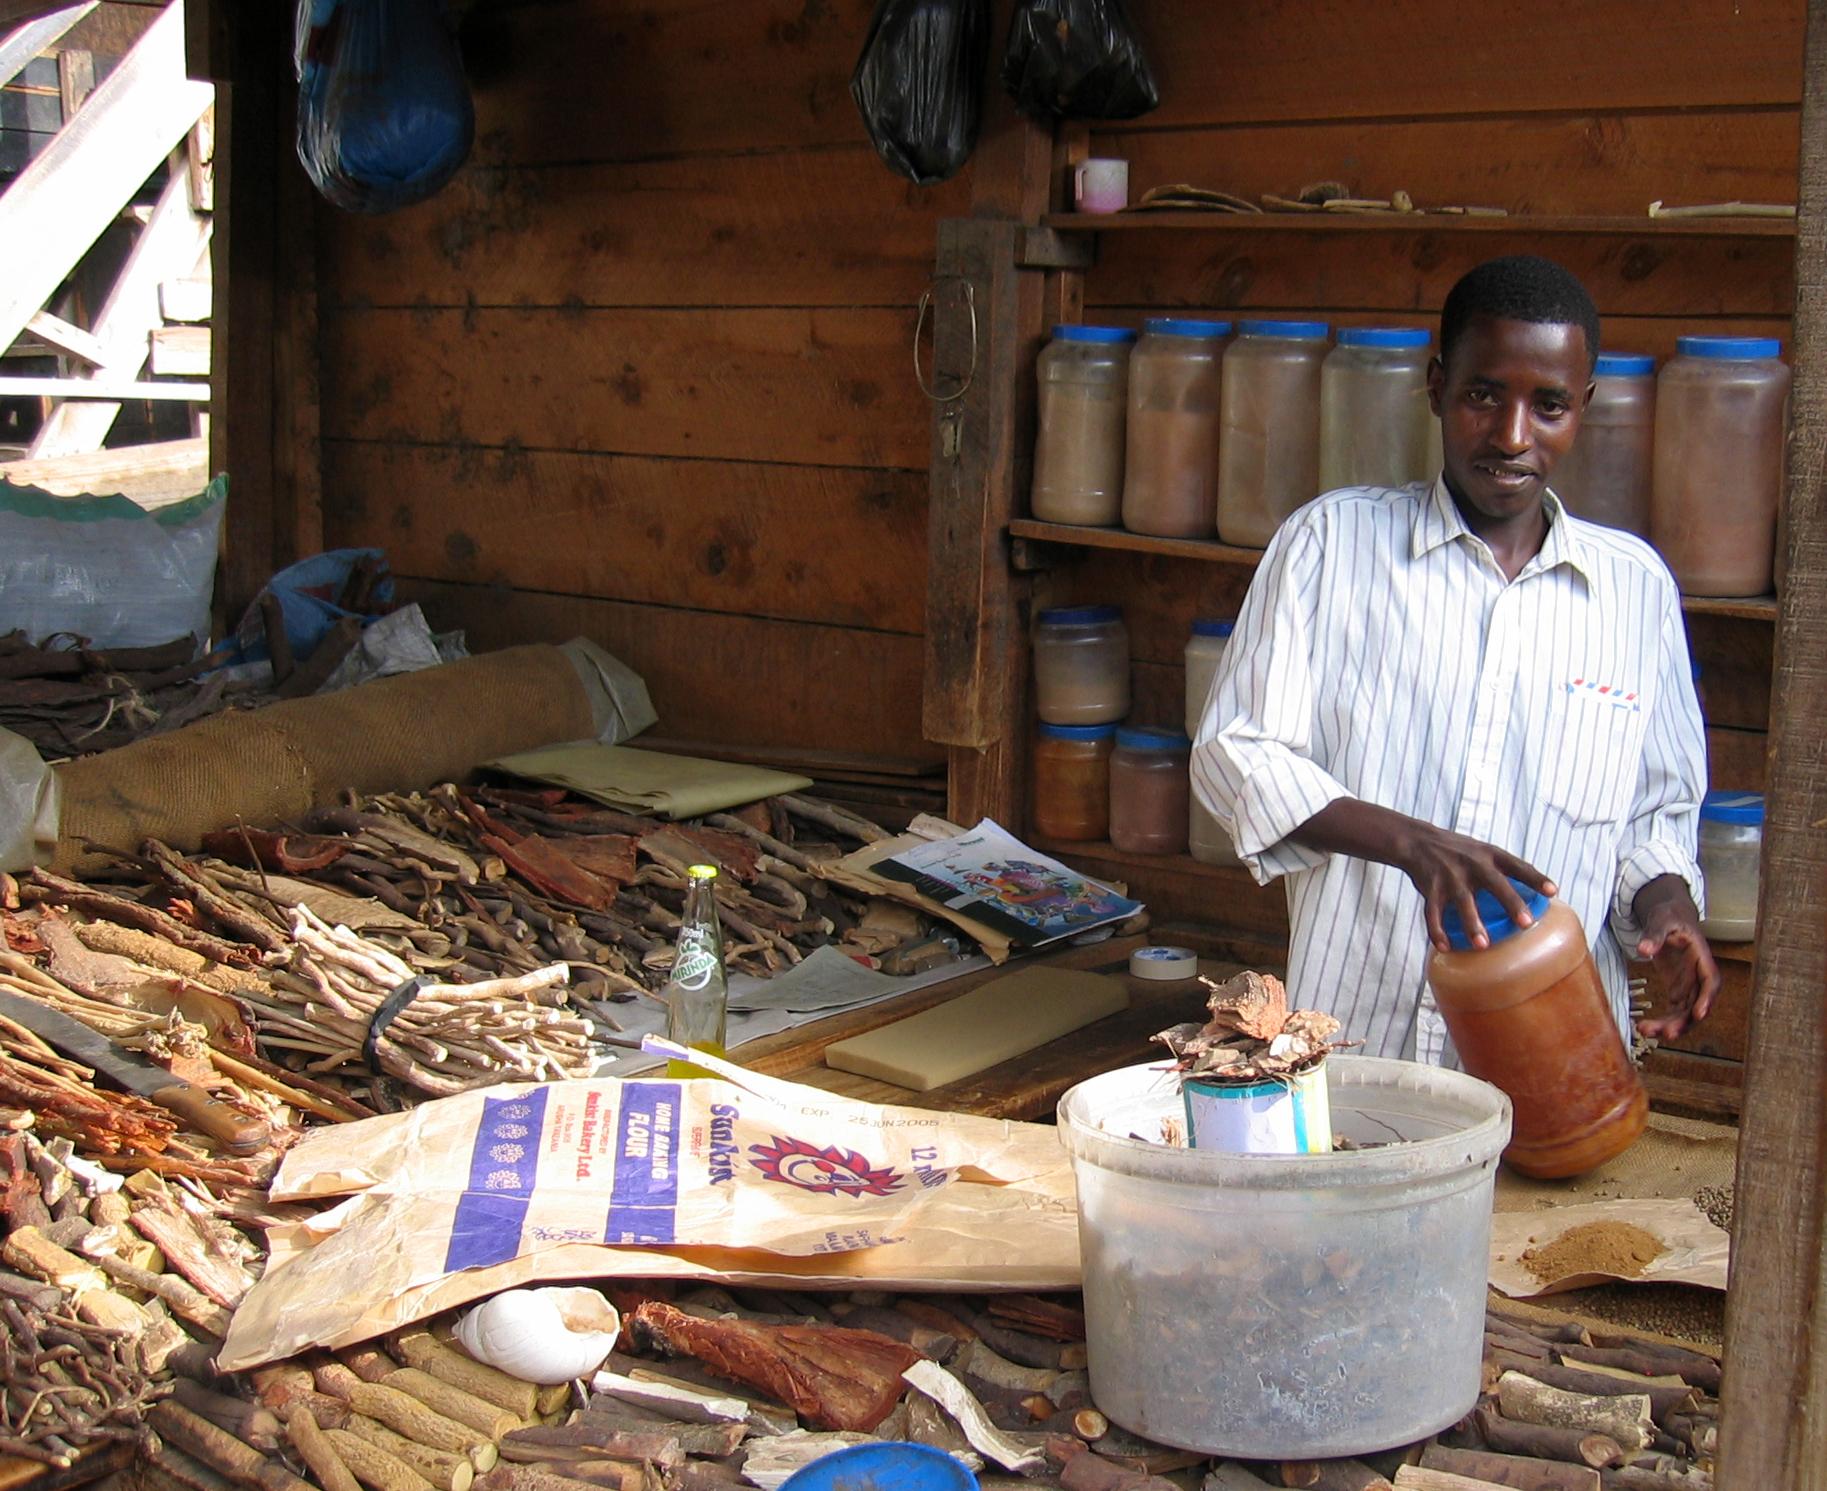 Tanzania traditional medicines market. Flickr - Neiljs.